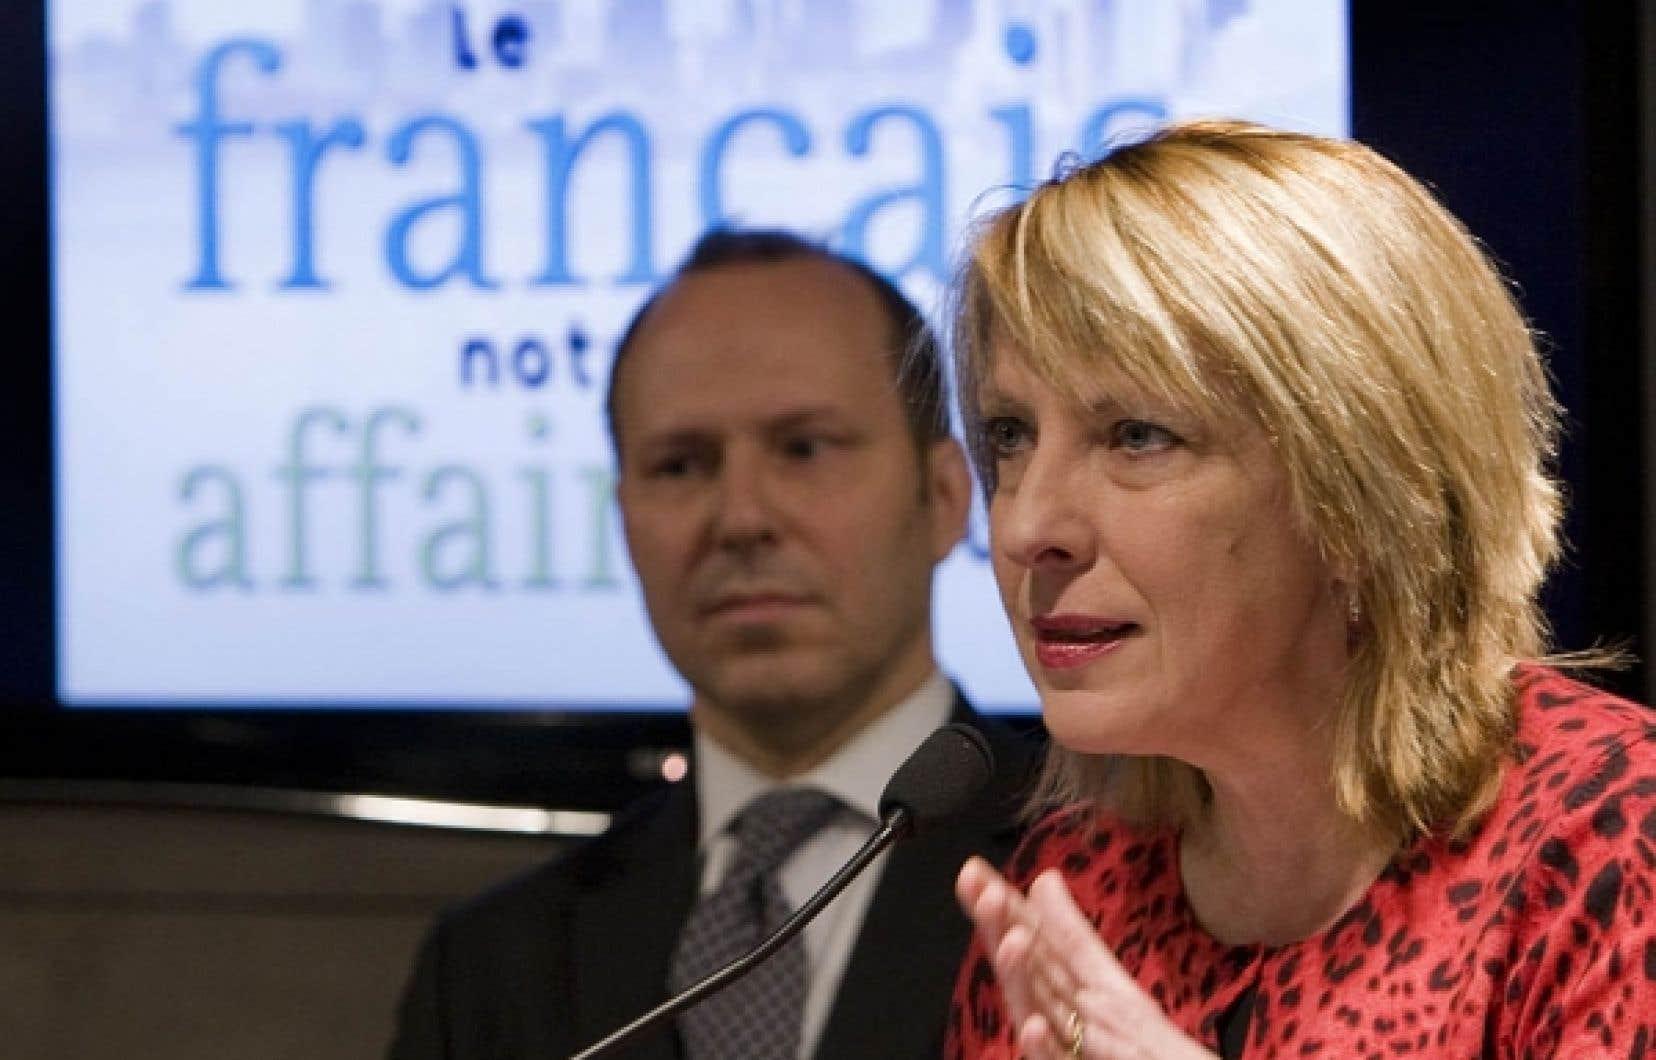 La ministre Christine St-Pierre lançait hier le nouveau carrefour de francisation, un site Internet doublé d'une ligne téléphonique qui vise les petites entreprises montréalaises de 50 employés et moins qui veulent se franciser.